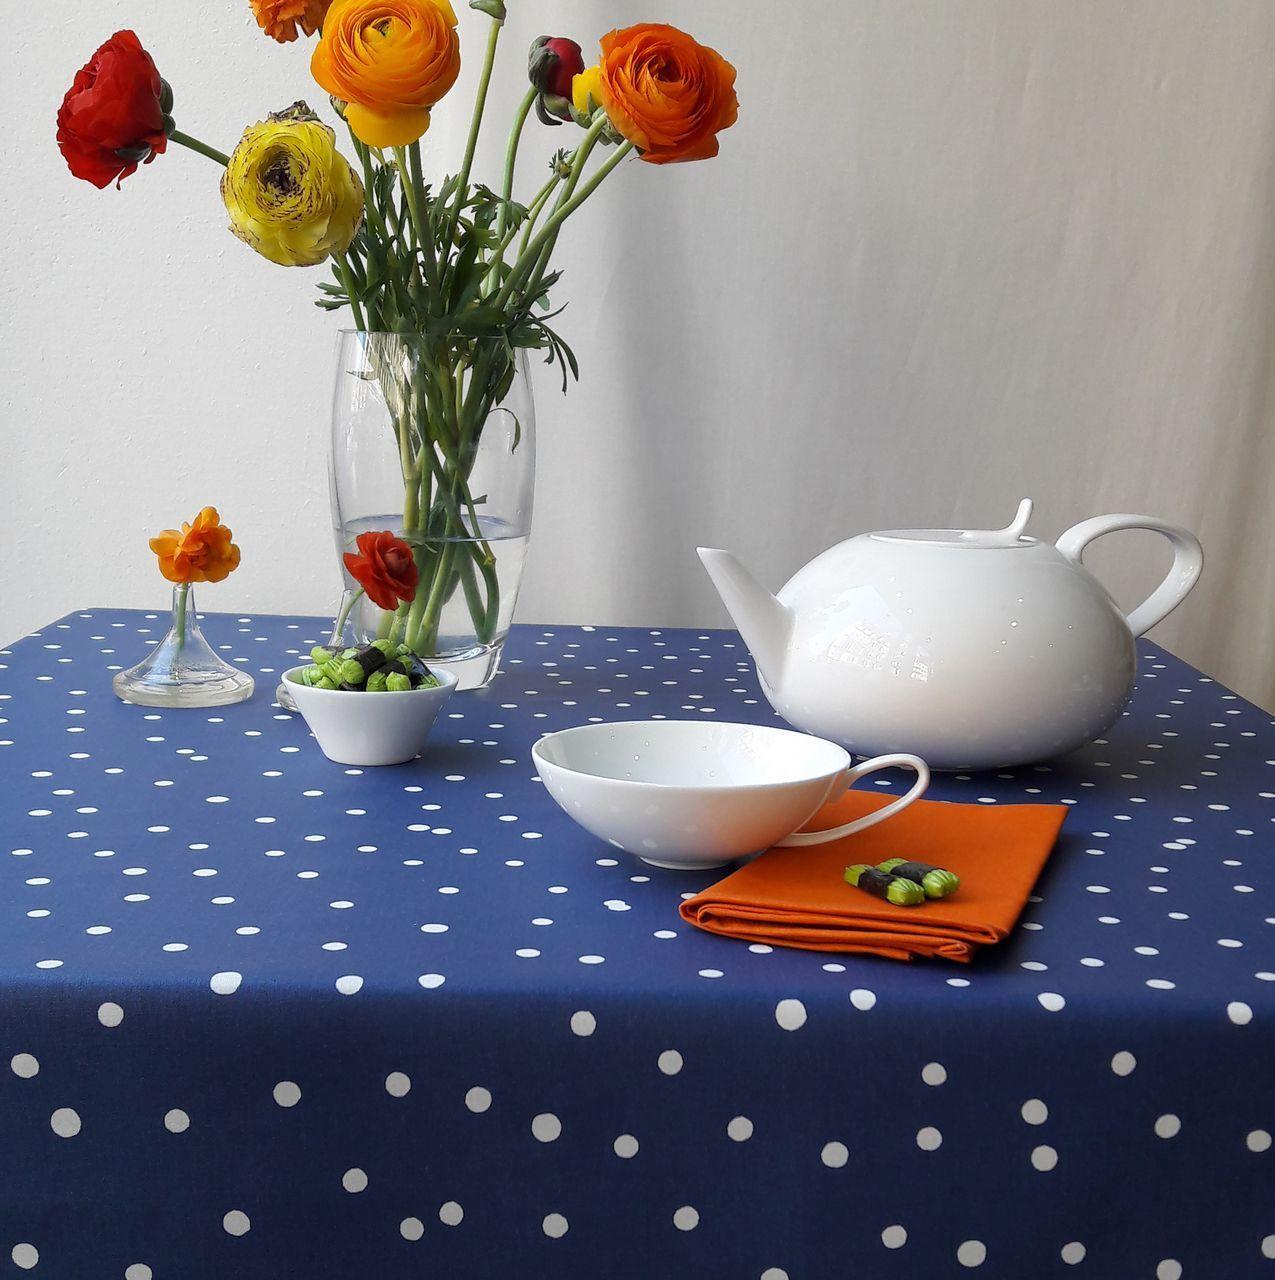 nappe confettis bleu marine coton enduit carr e 160x160. Black Bedroom Furniture Sets. Home Design Ideas